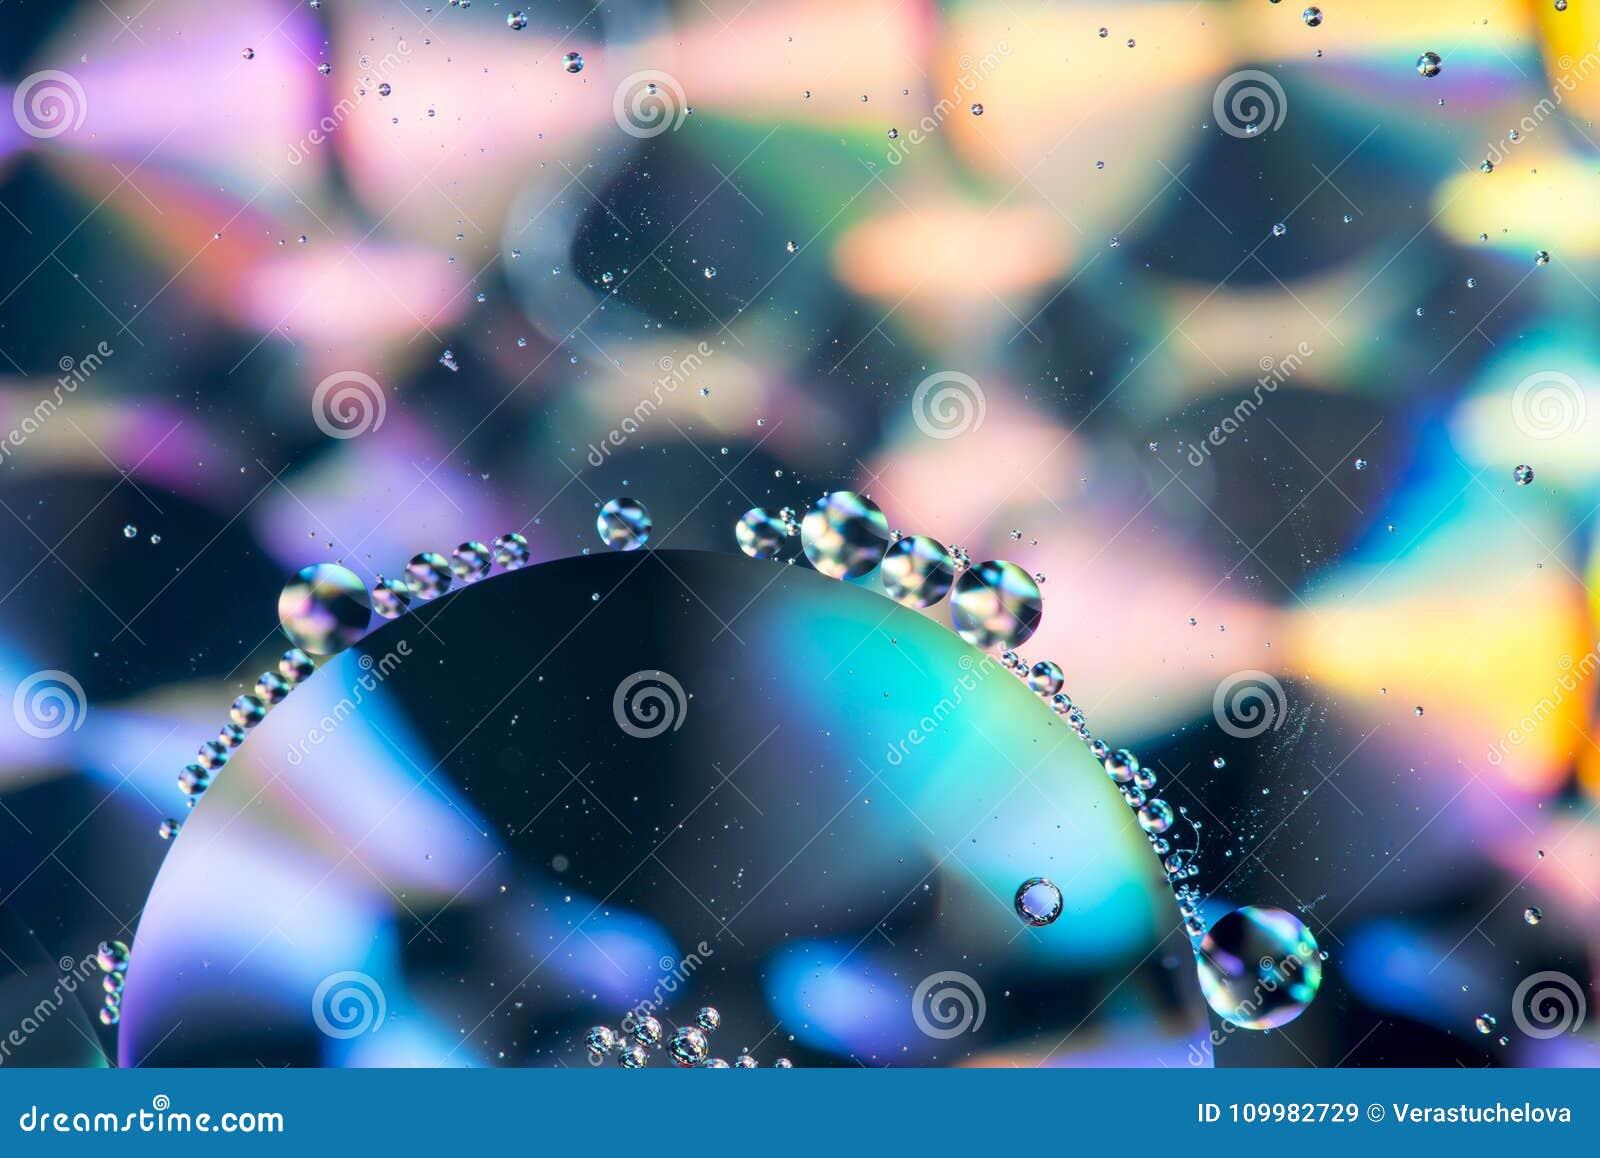 Fondo colorido abstracto aceite/agua